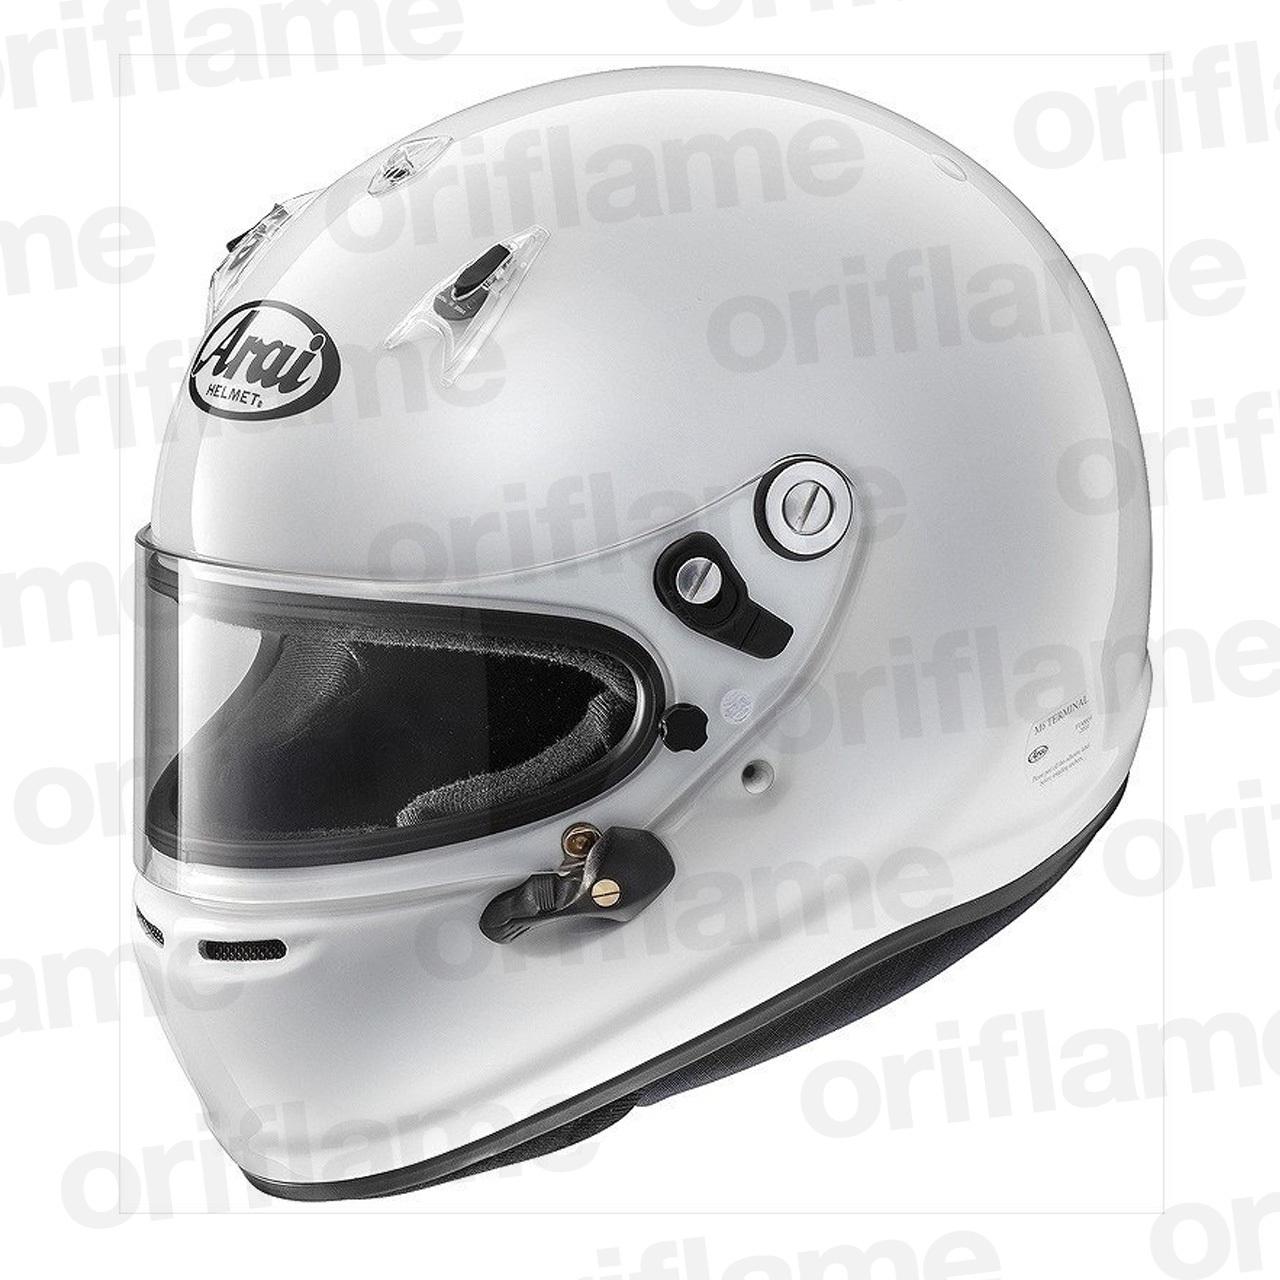 アライ(ARAI)・ヘルメット【GP-6】(8859シリーズ)・プロスペック(4輪競技用)